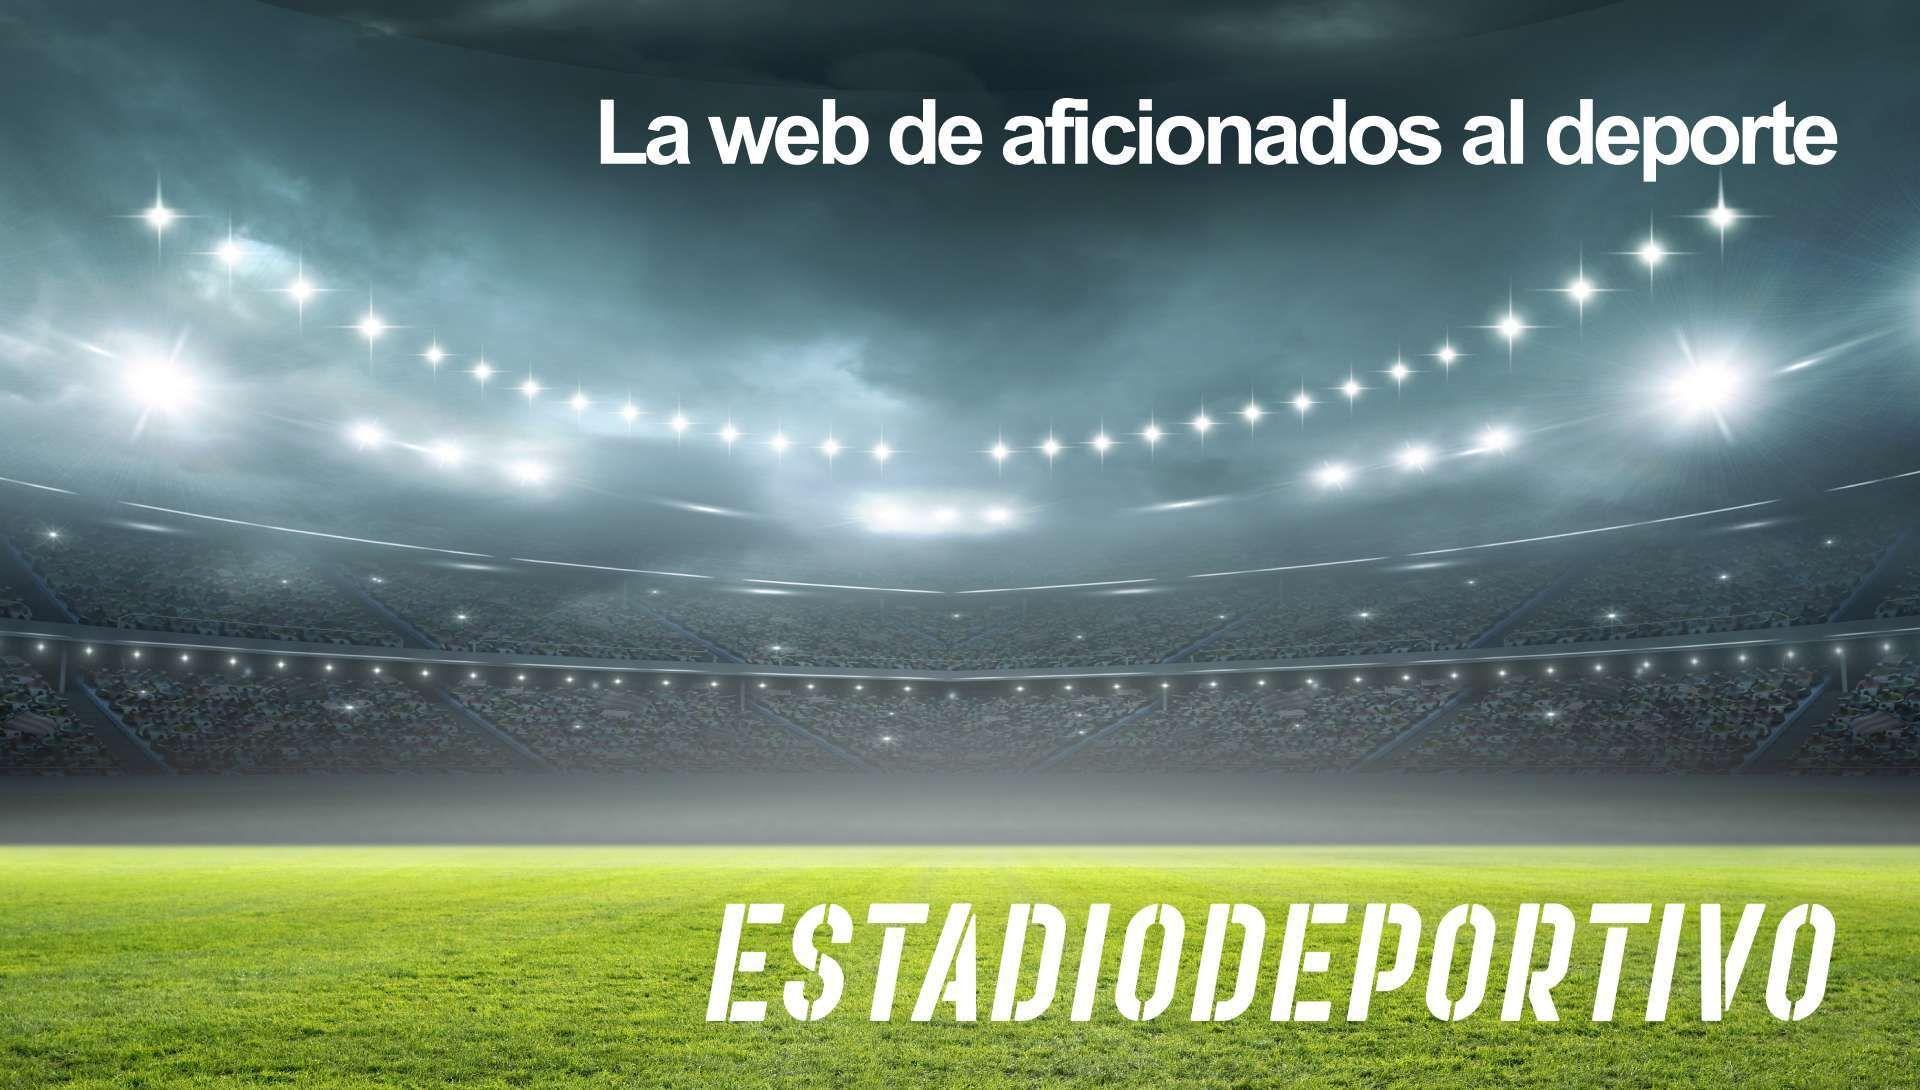 Internacionales del Sevilla